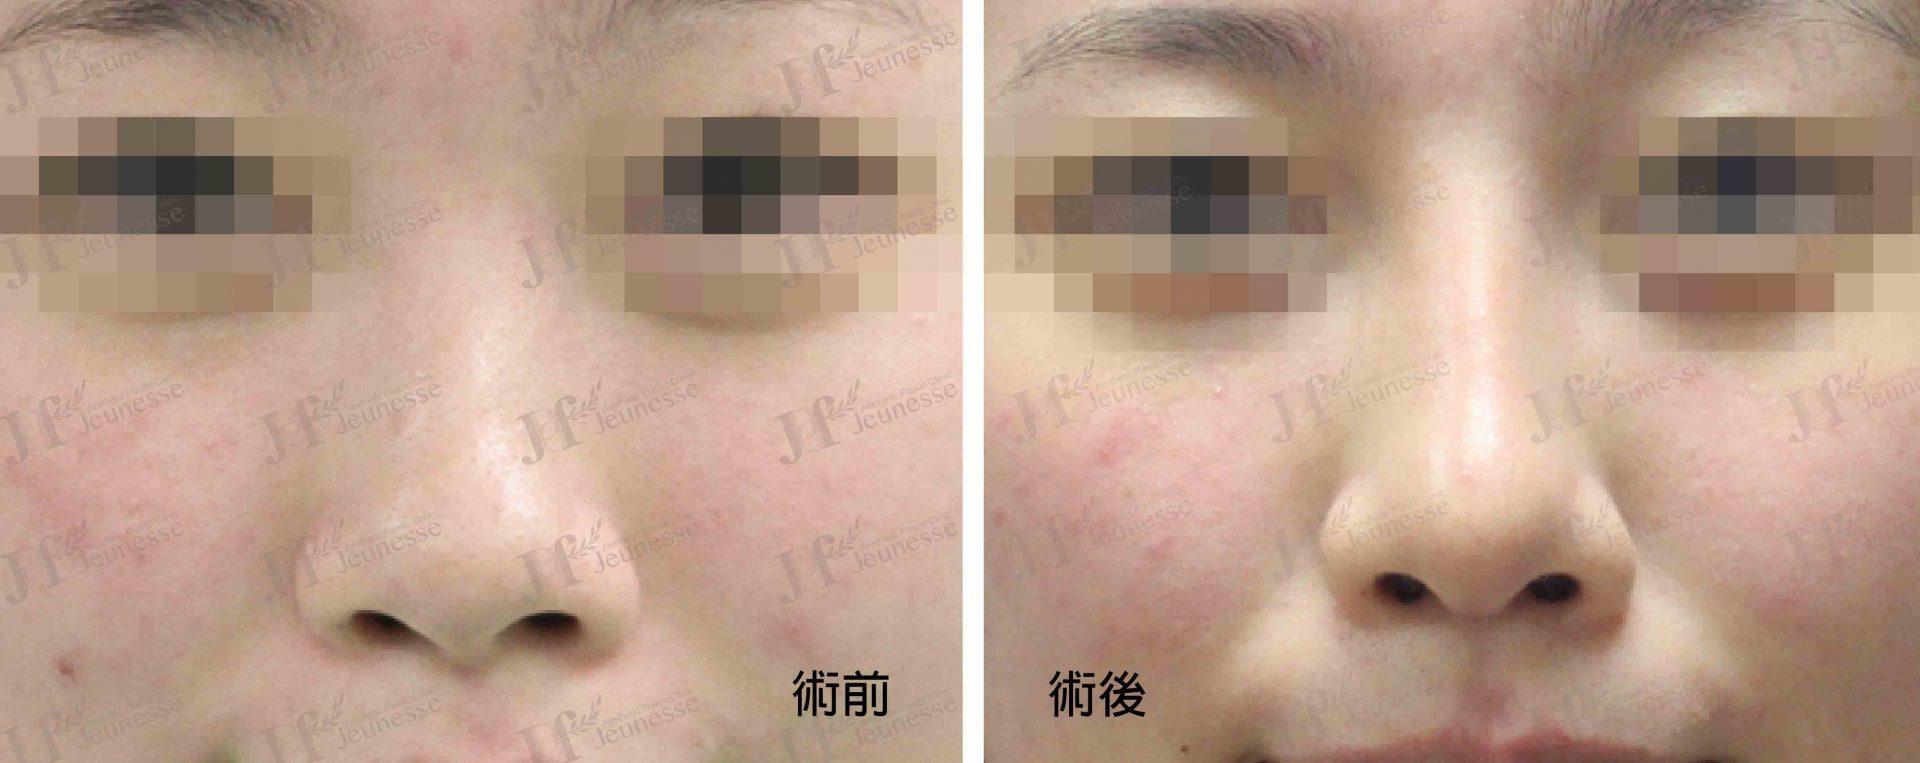 隆鼻 case1 正面-浮水印